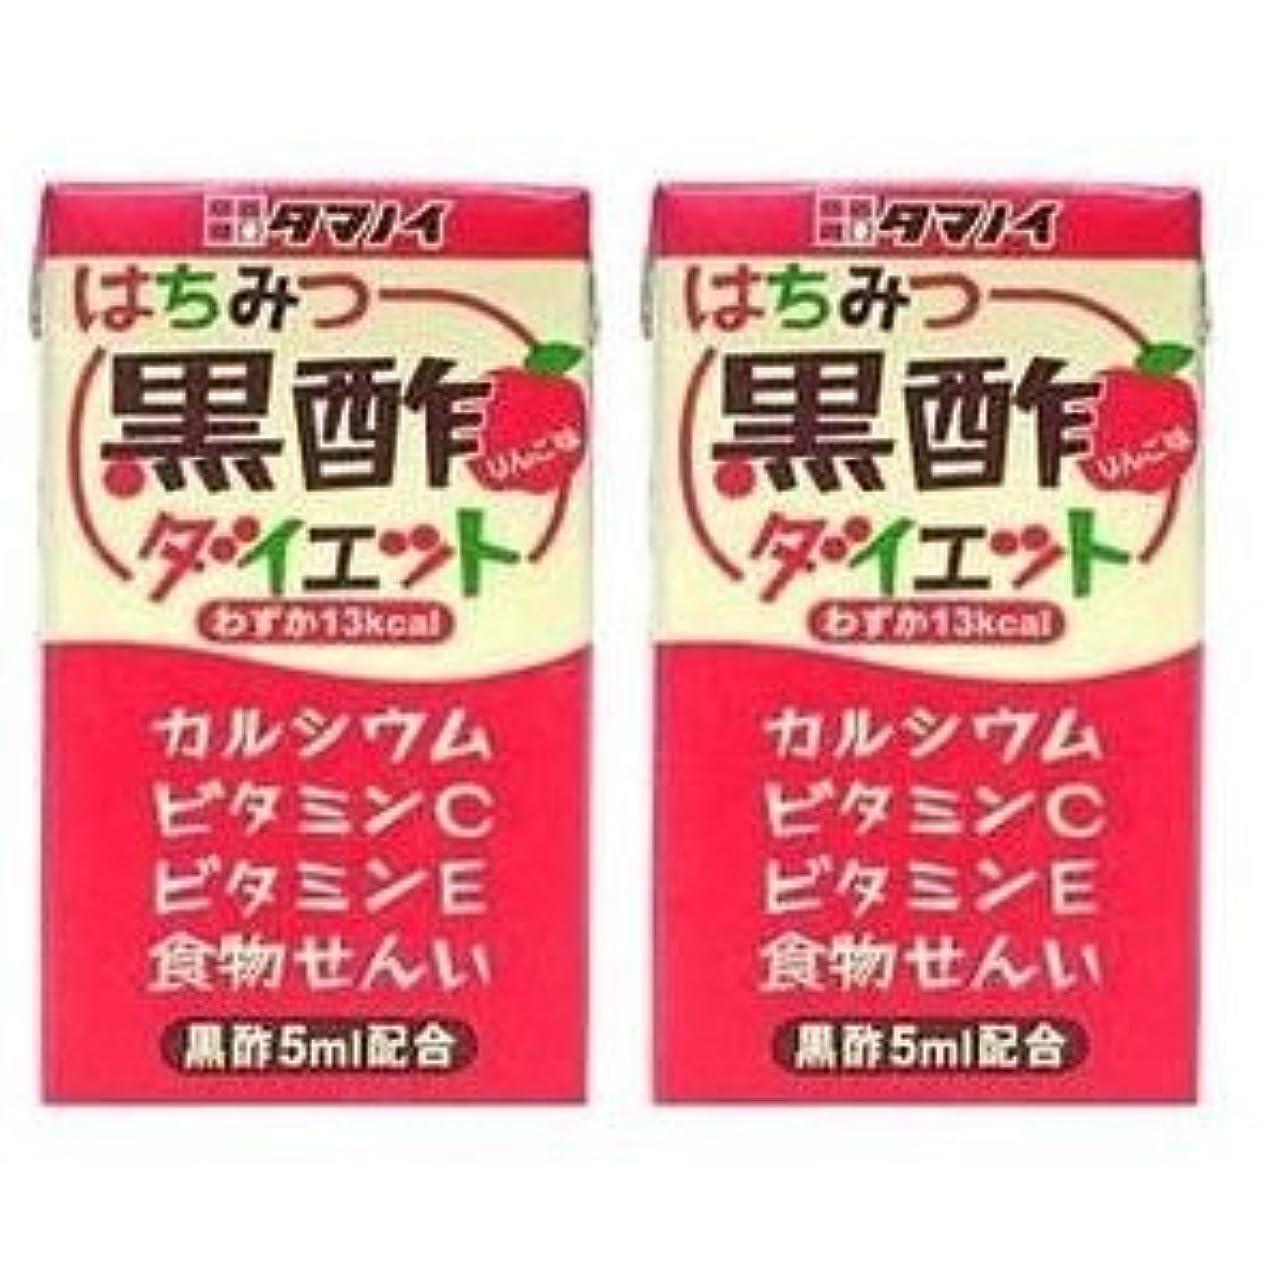 石灰岩ロープトムオードリースはちみつ黒酢ダイエットLL125ML0 タマノ井酢(株)